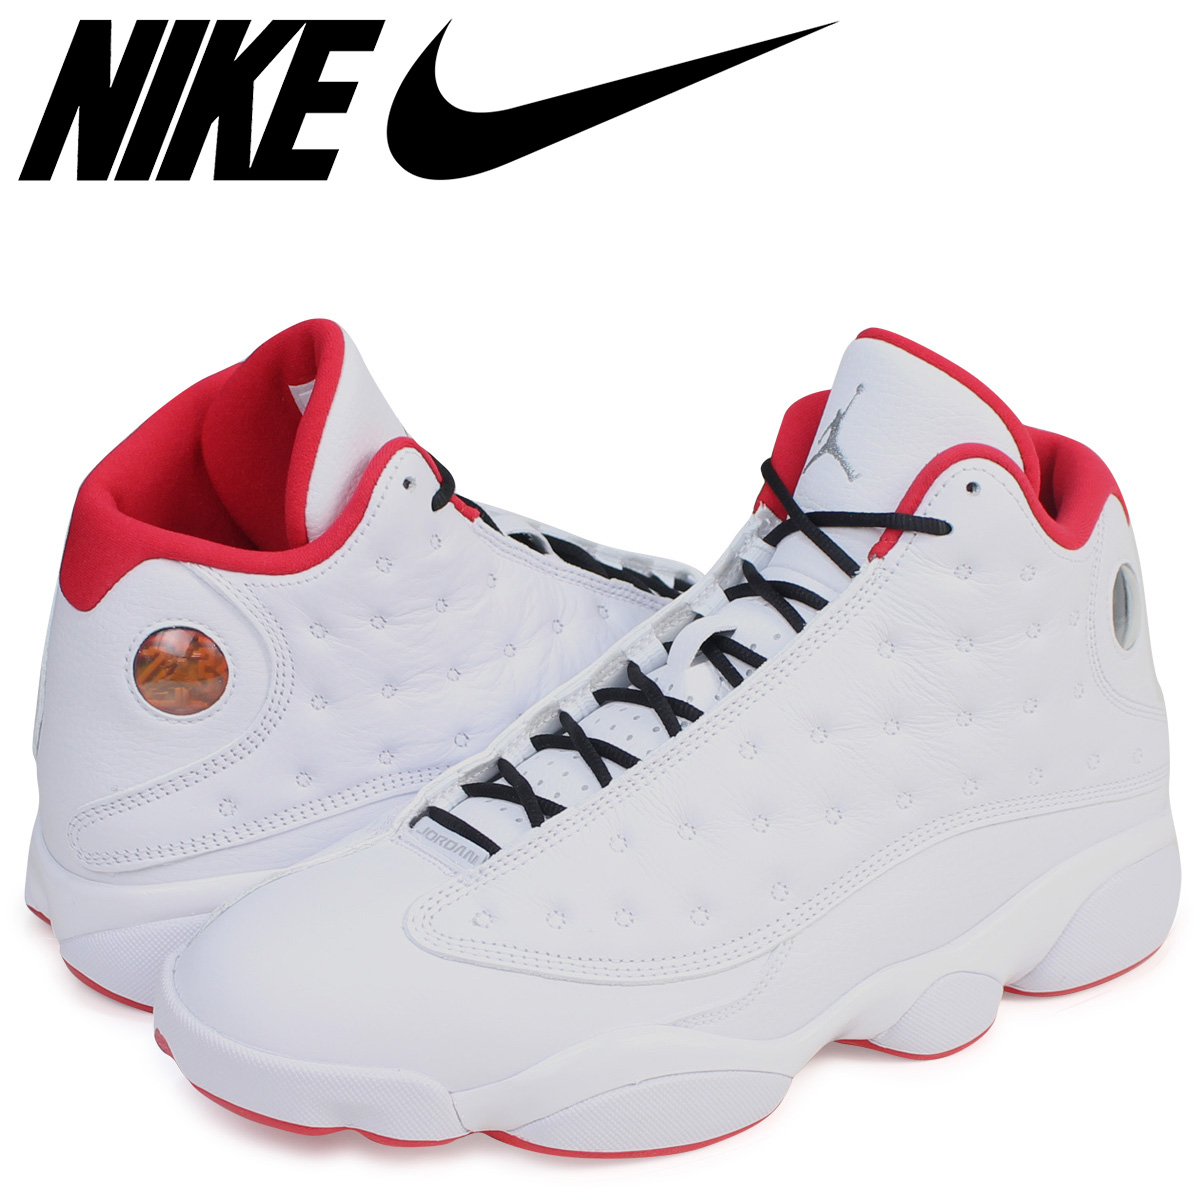 sports shoes 11cf0 2ca72 NIKE AIR JORDAN 13 RETRO Nike Air Jordan 13 nostalgic sneakers men 414,571-103  white